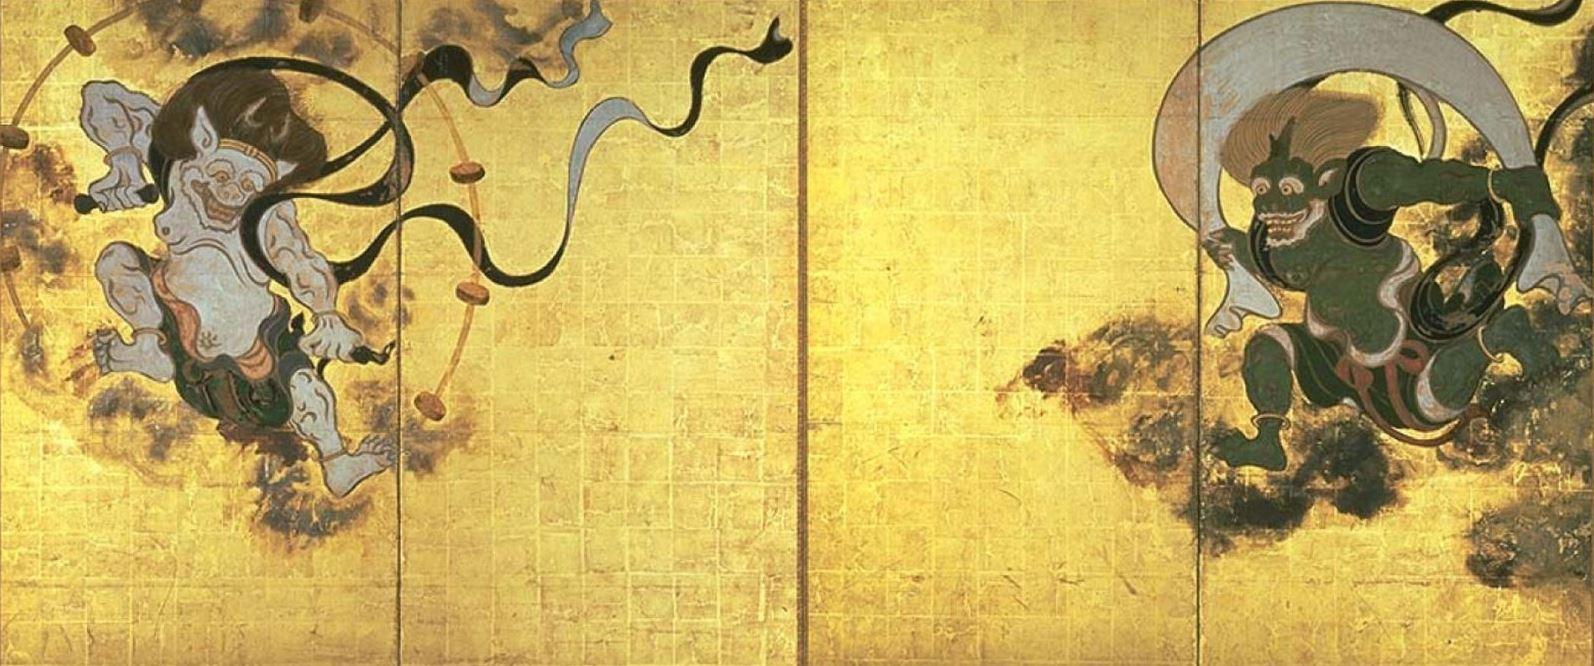 Los fantásticos dioses japoneses y su mitología